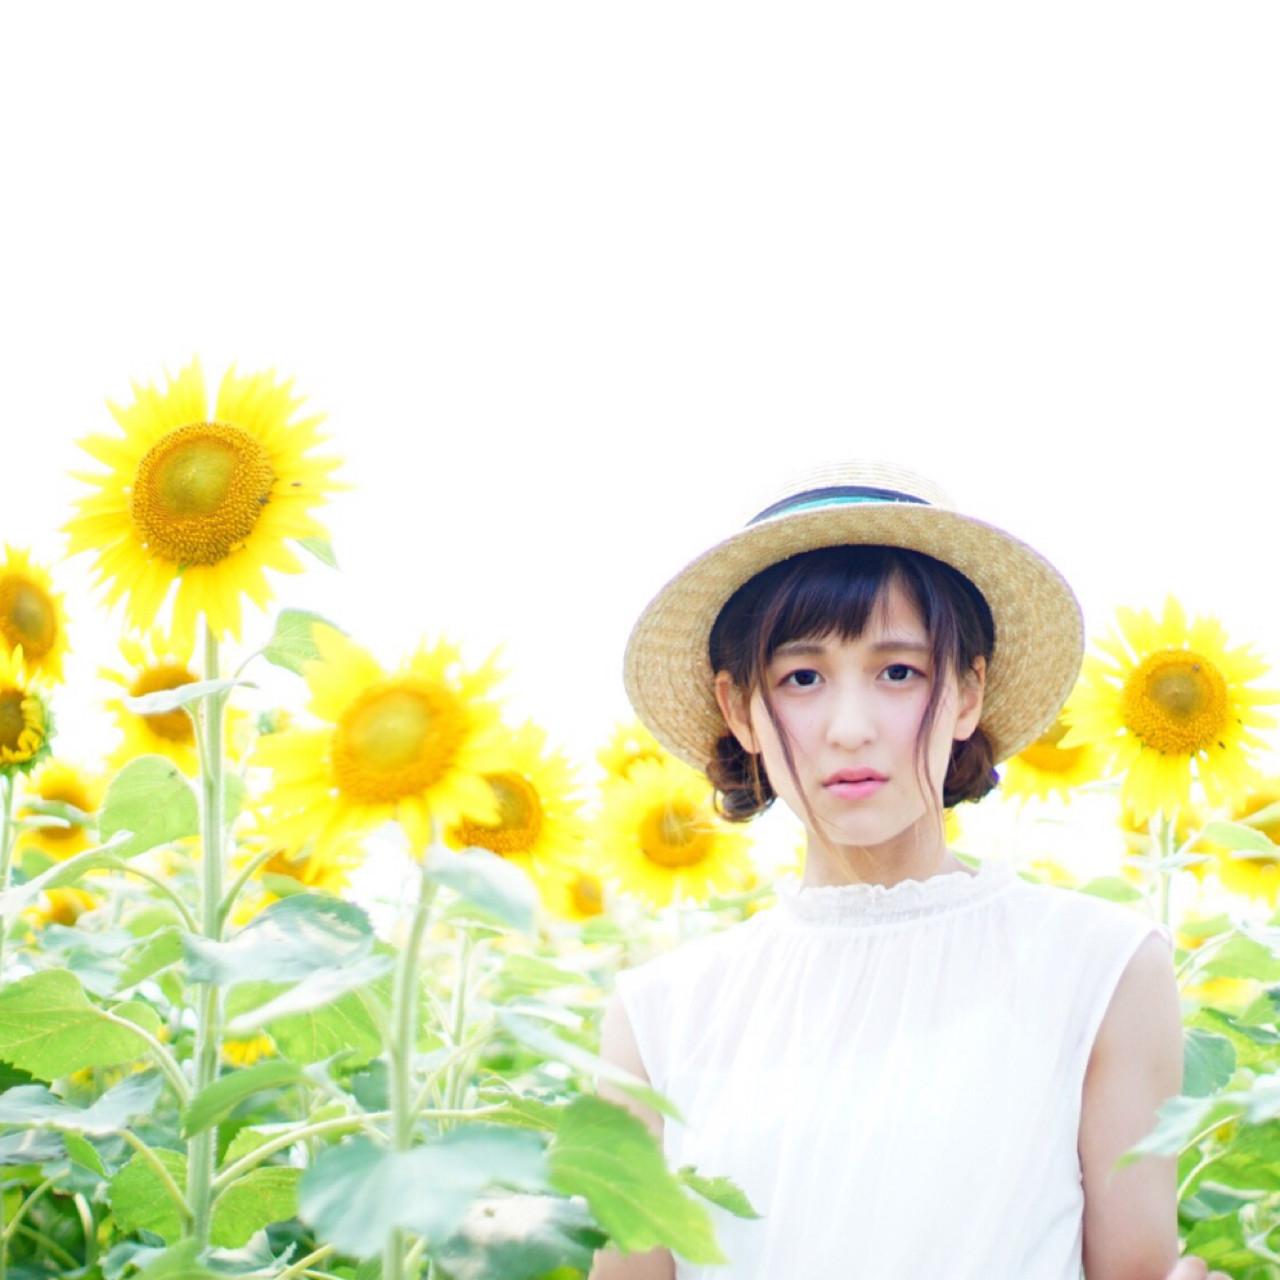 色気 ガーリー 夏 お団子 ヘアスタイルや髪型の写真・画像 | 舞奈-maina- /